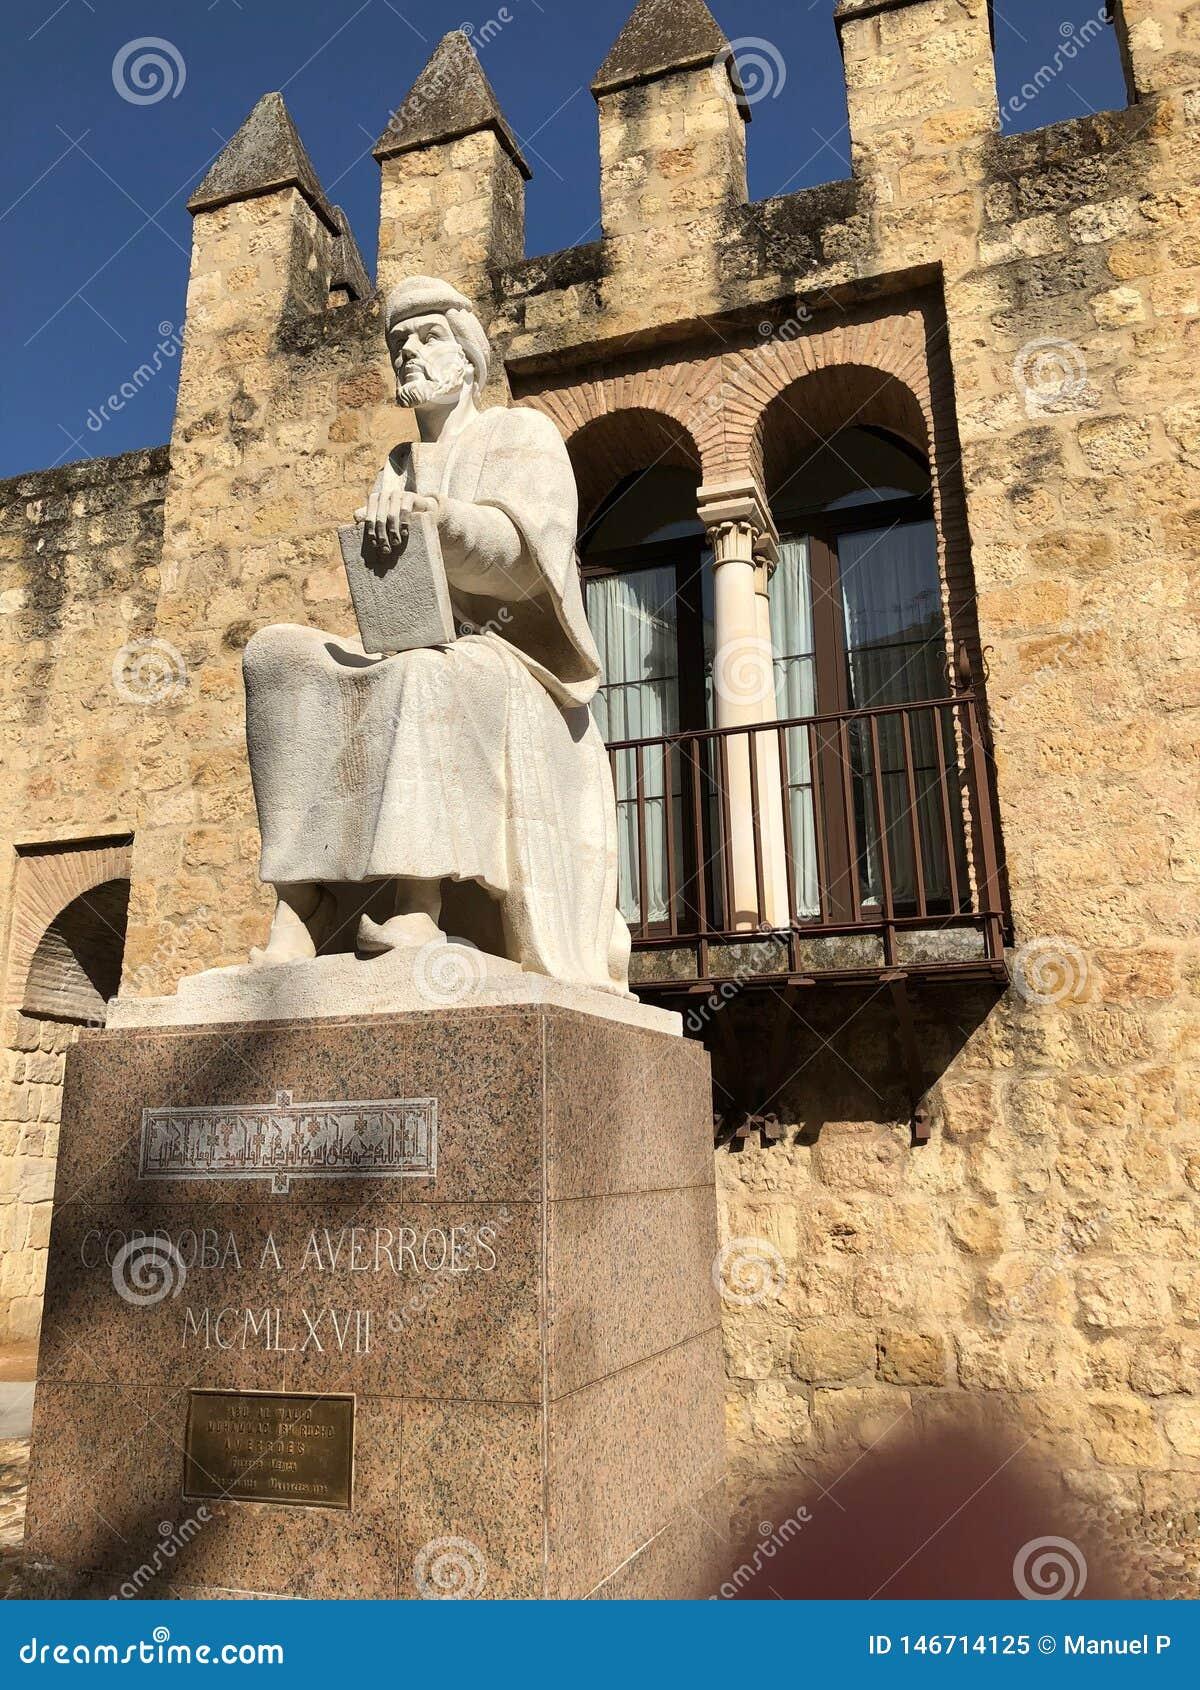 MONUMENTO DE AVERROES EN LA CIUDAD DE CÓRDOBA